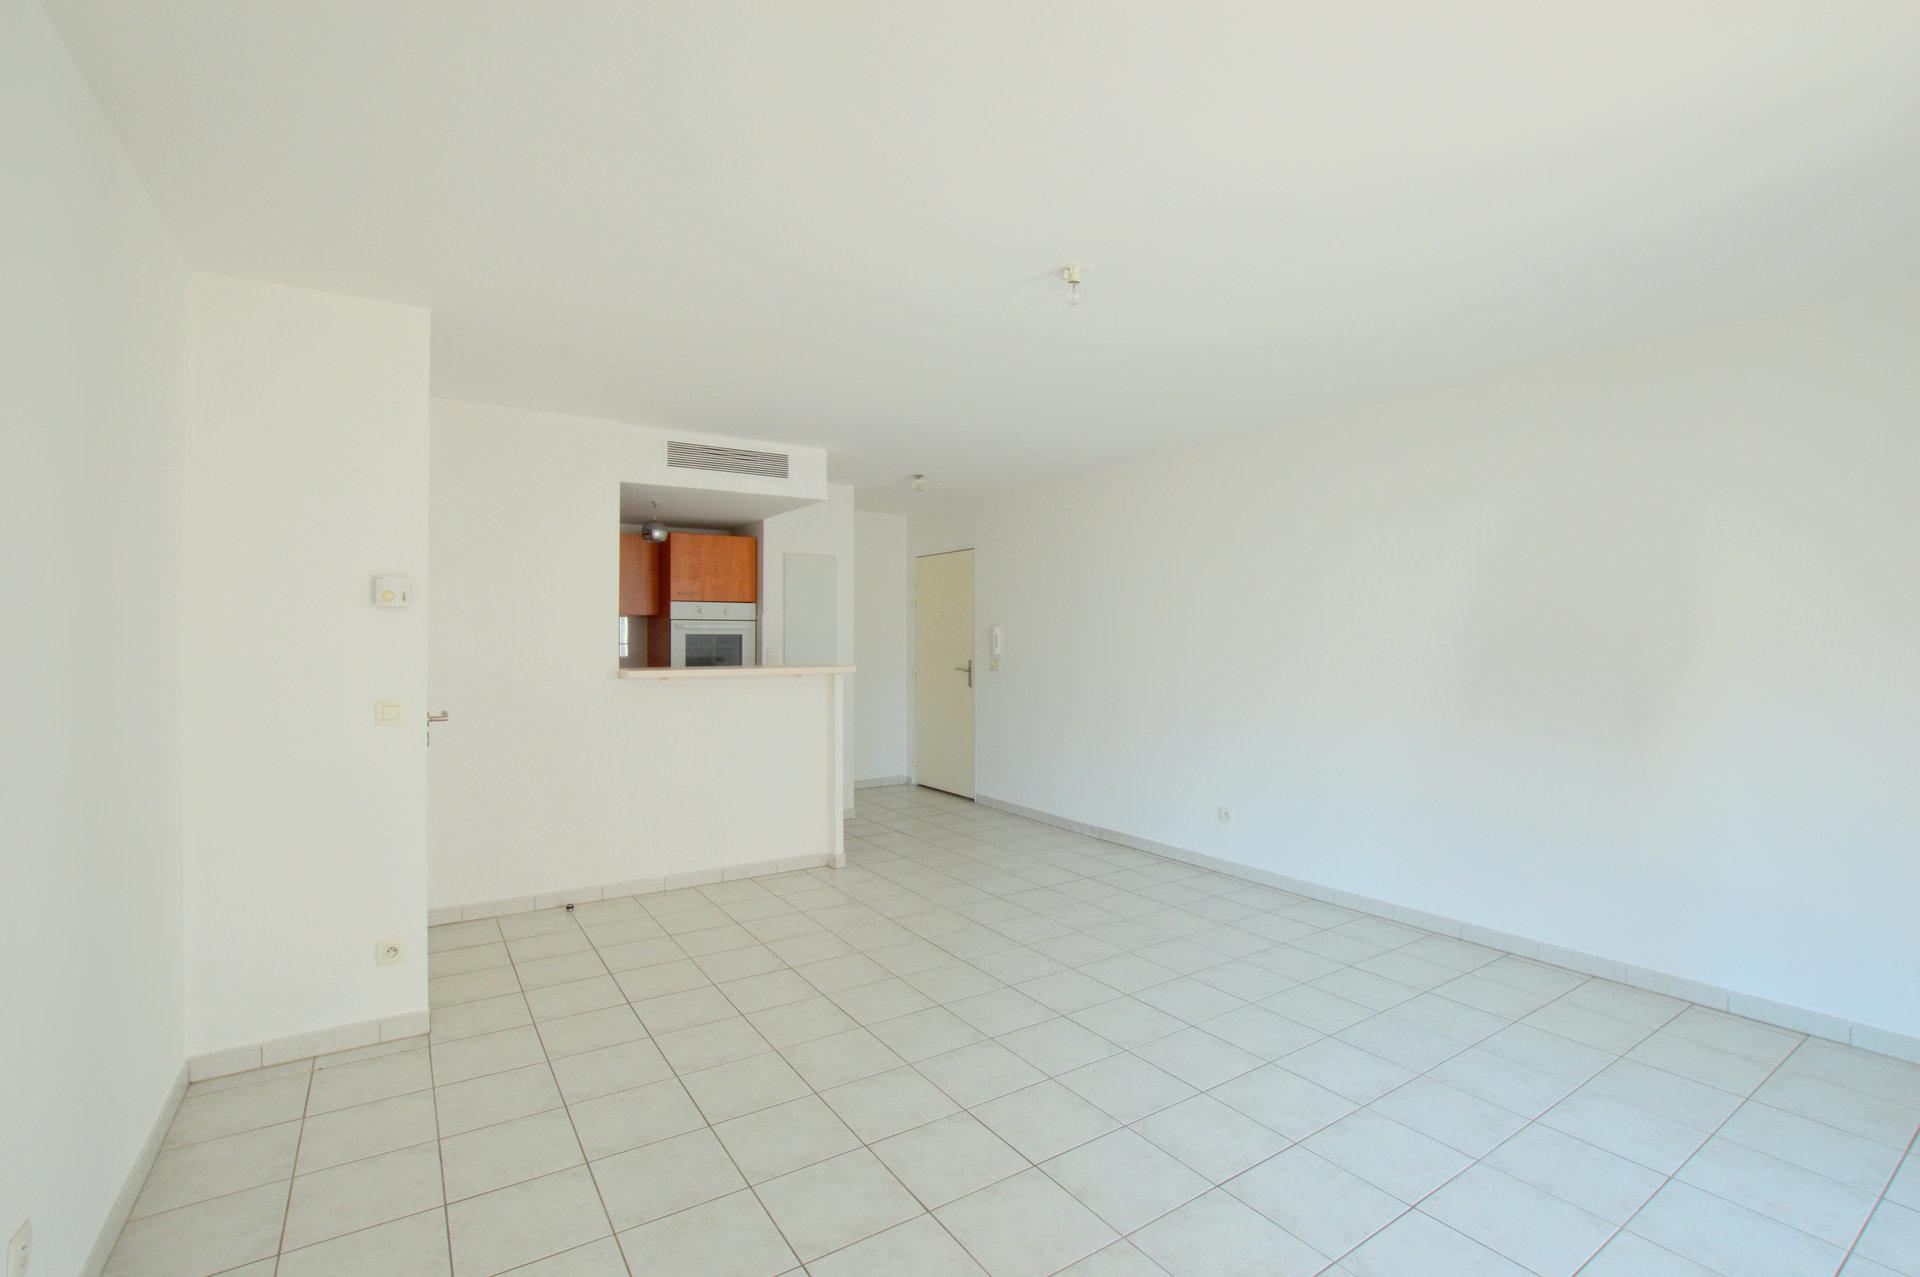 Appartement T2 résidence de standing 34000 Montpellier